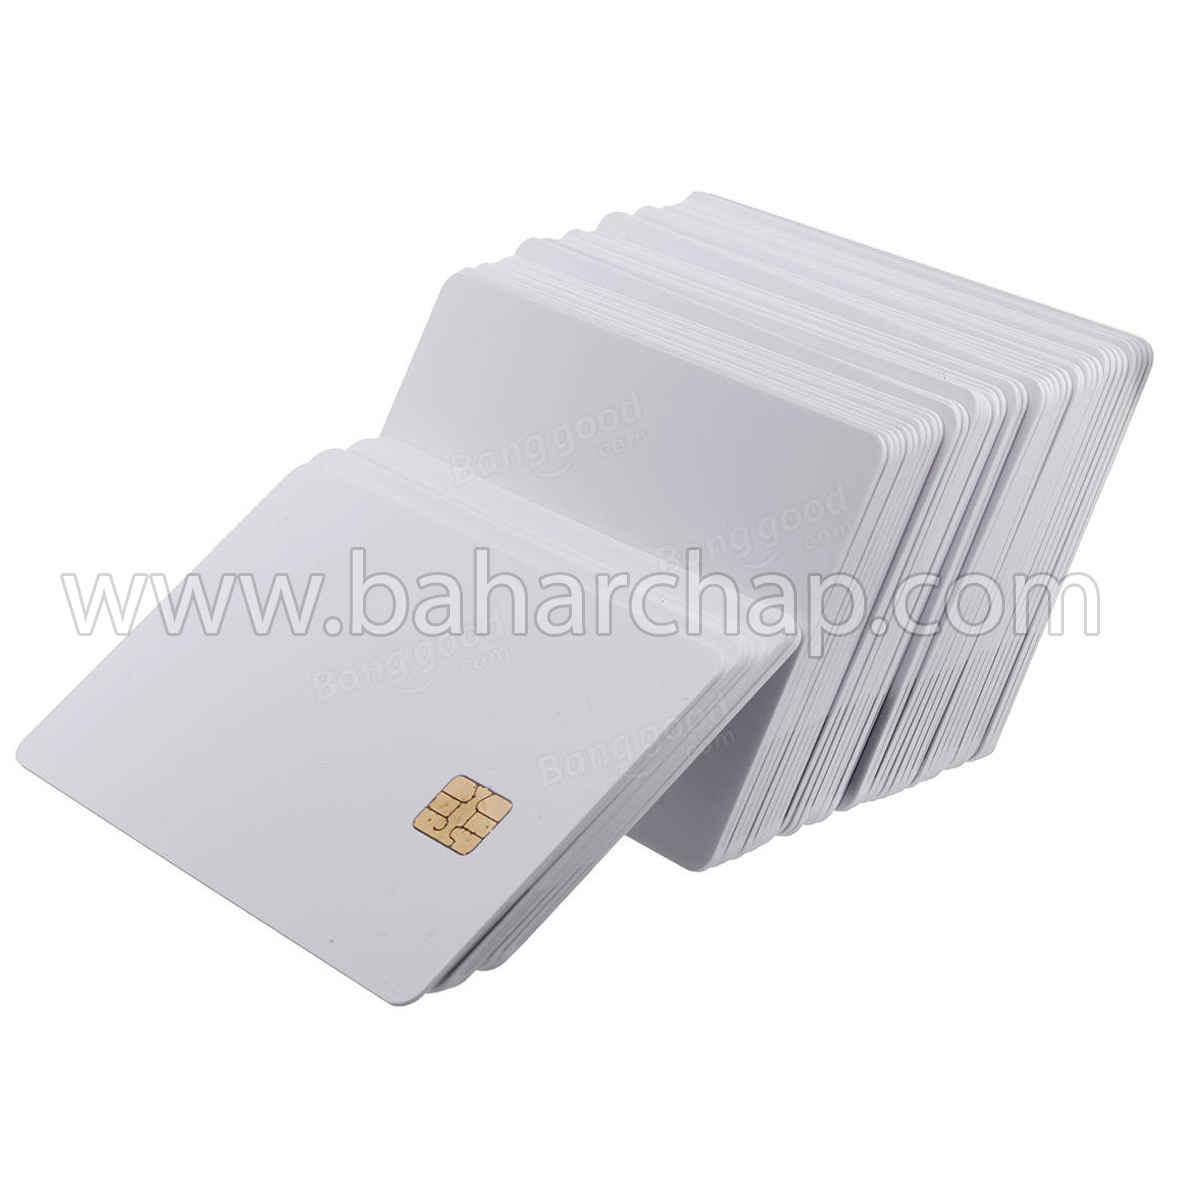 فروشگاه و خدمات اینترنتی بهارچاپ اصفهان-کارت خام PVC چیپدار 4442- PVC Cards with SLE4442 Chip